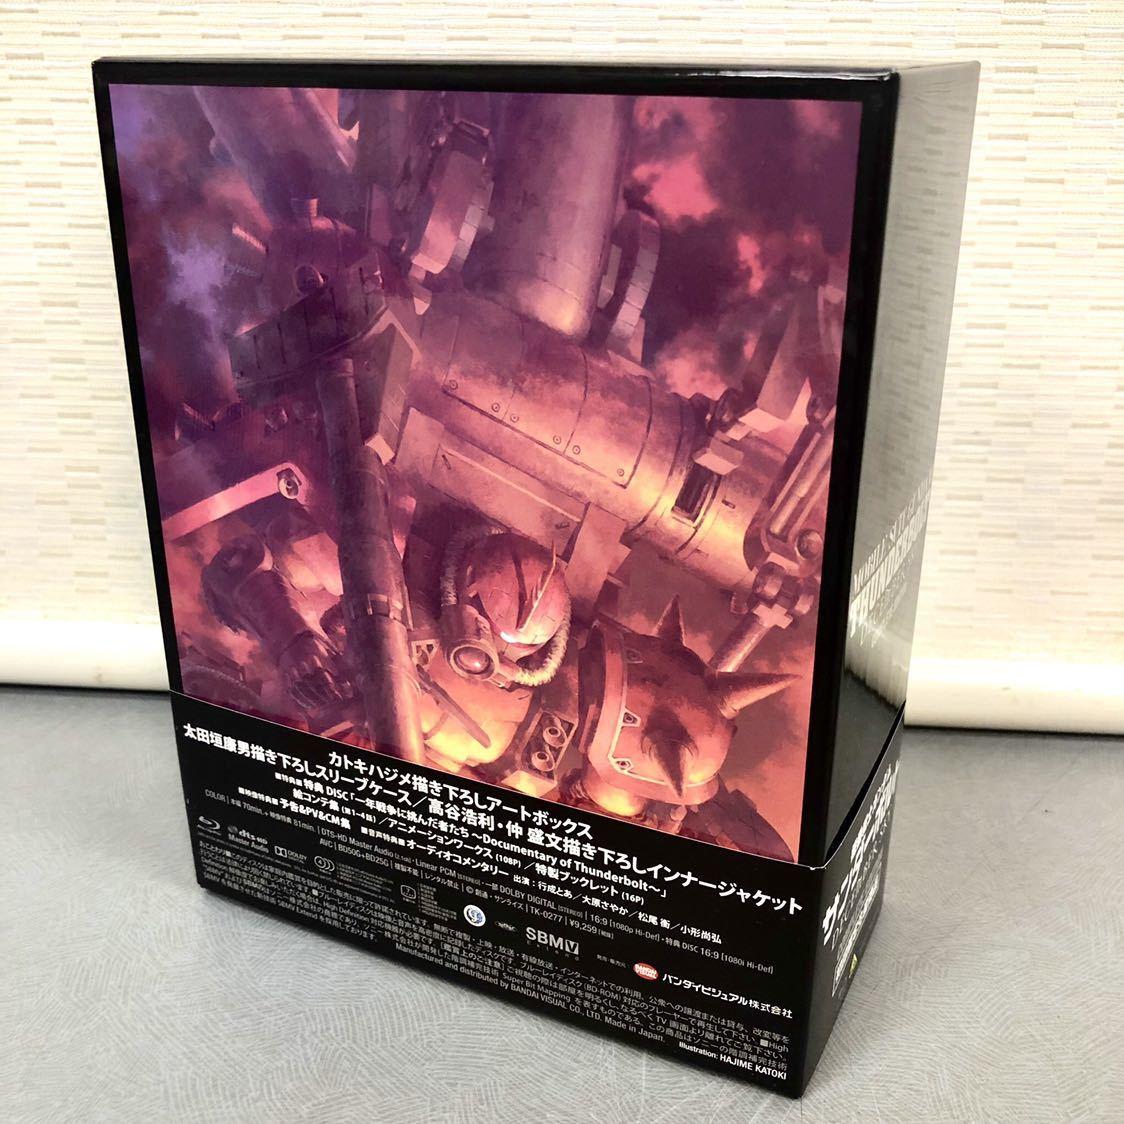 ★☆ブルーレイ/BD/Blu-ray 機動戦士ガンダム サンダーボルト DECEMBER SKY COMPLETE EDITION 初回限定生産商品☆★_画像3